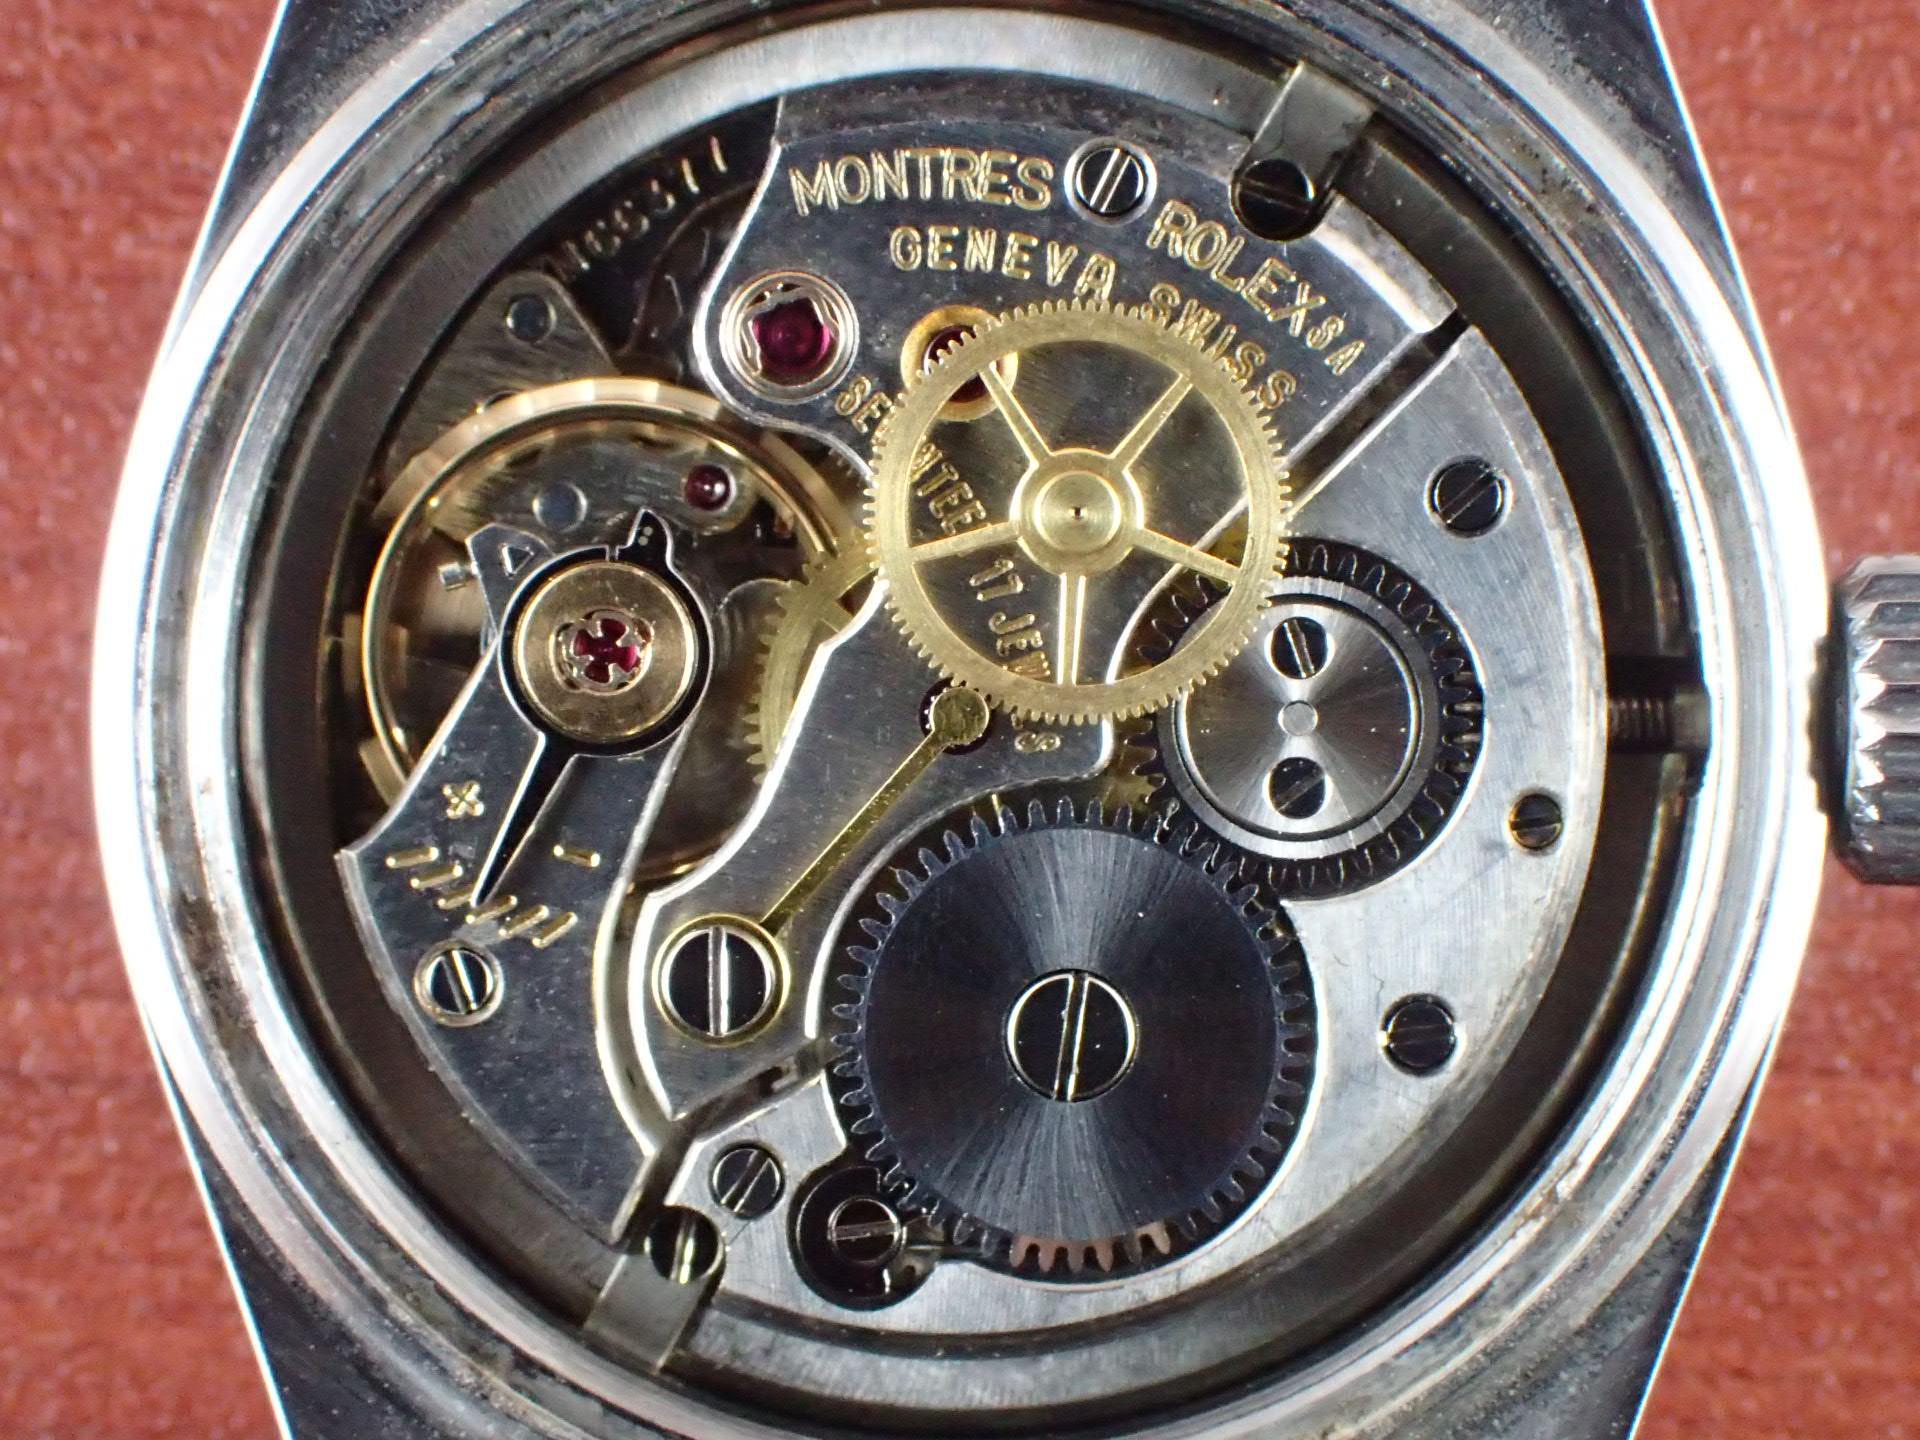 ロレックス オイスターロイヤル Ref.6444 テキスタイルダイアル 1950年代の写真5枚目